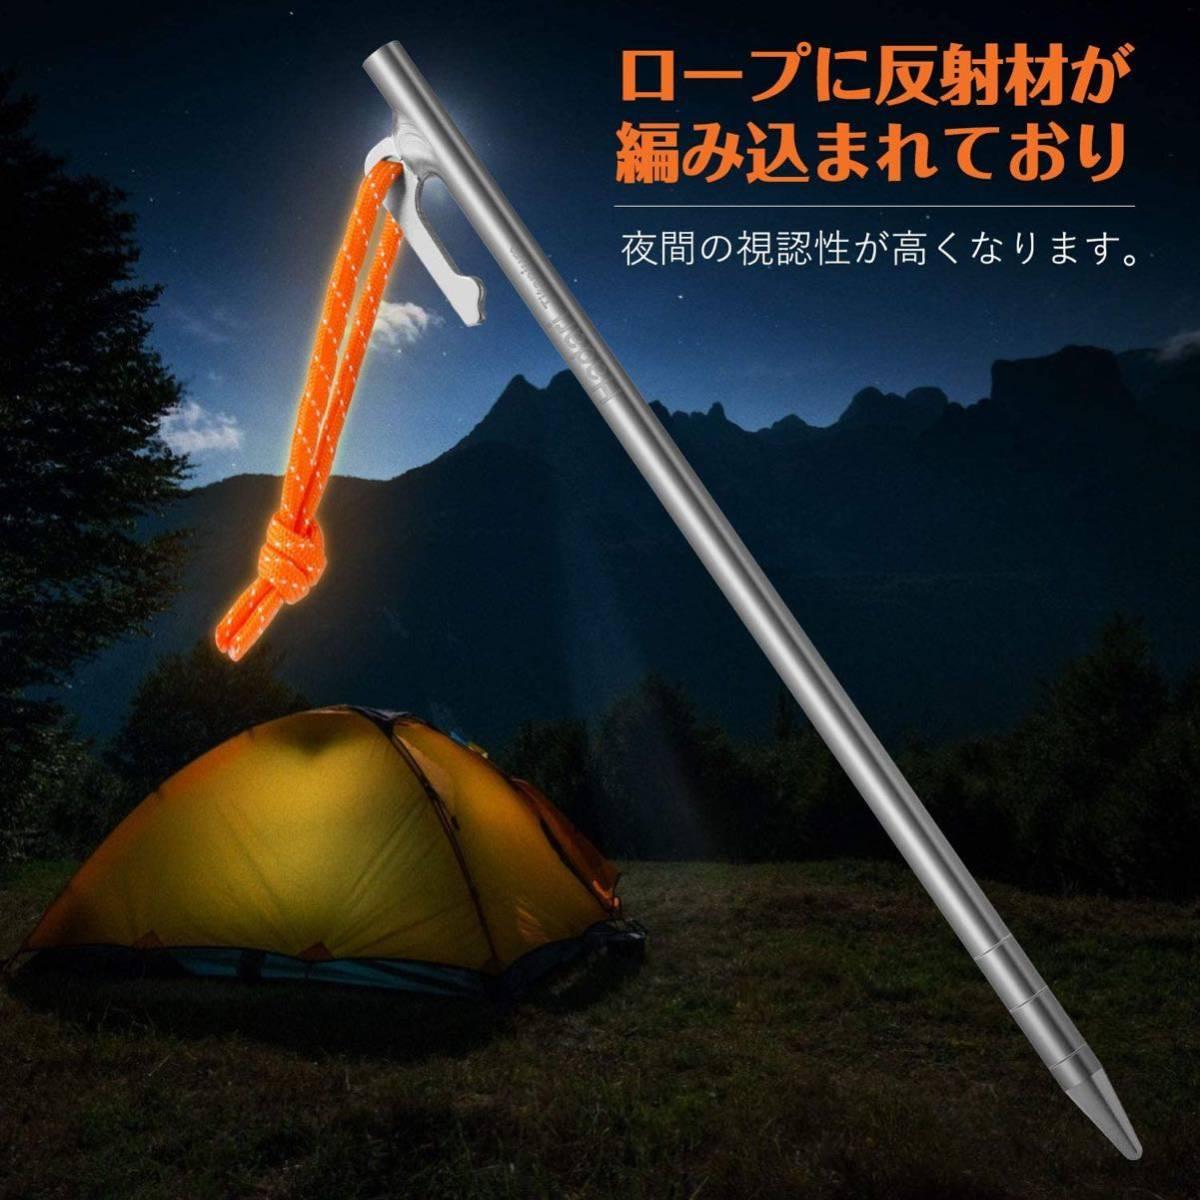 6本セット チタンペグ 24cm チタン製 光ロープ付き地面タープ用テントペグ